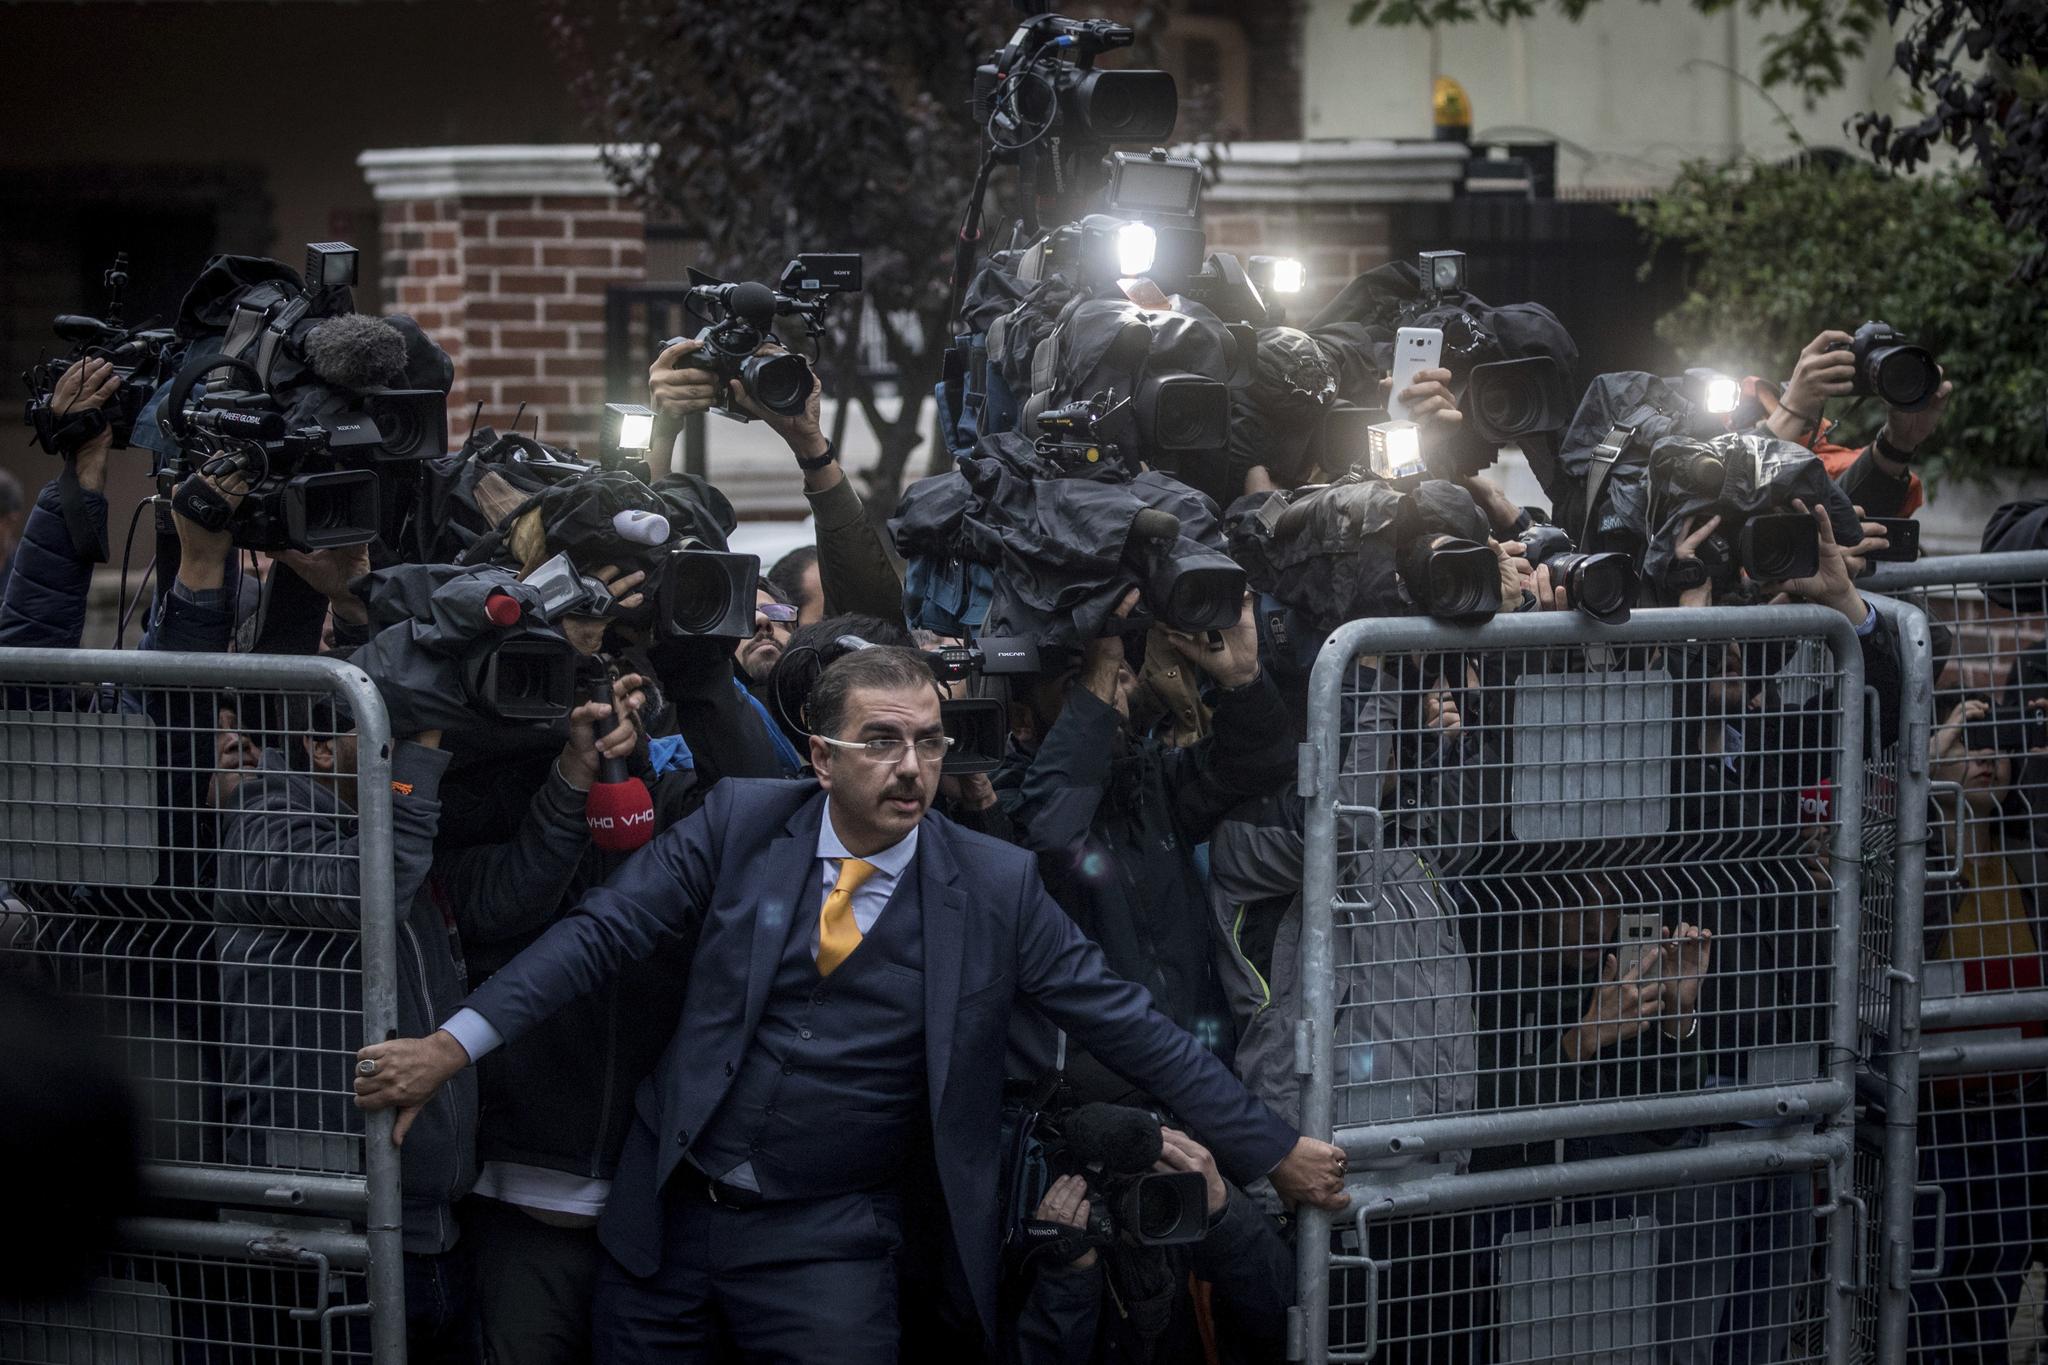 터키 이스탄불의 사우디아리비아 영사관에서 살해된 자말 까슈끄지 사건을 수사하기 위한 조사관들이 영사관에 도착하자 취재진이 몰려들고 있다.[AP=연합뉴스]